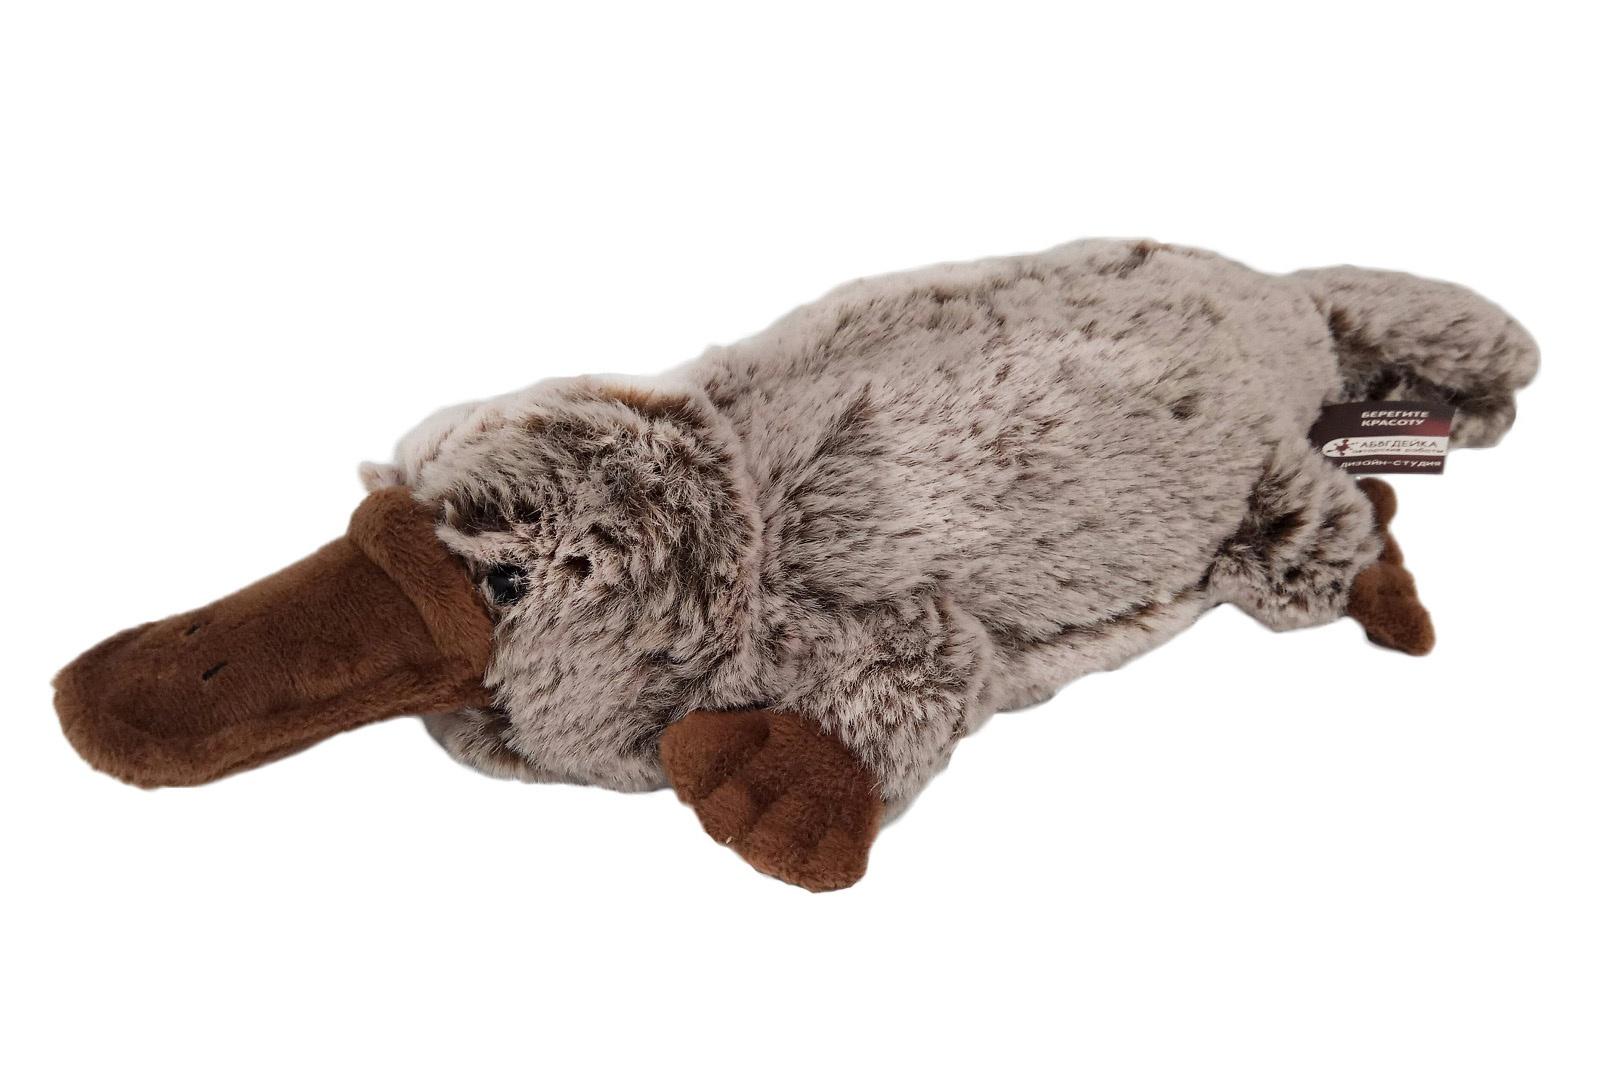 АБВГДЕЙКА Мягкая игрушка Утконос, 37 см